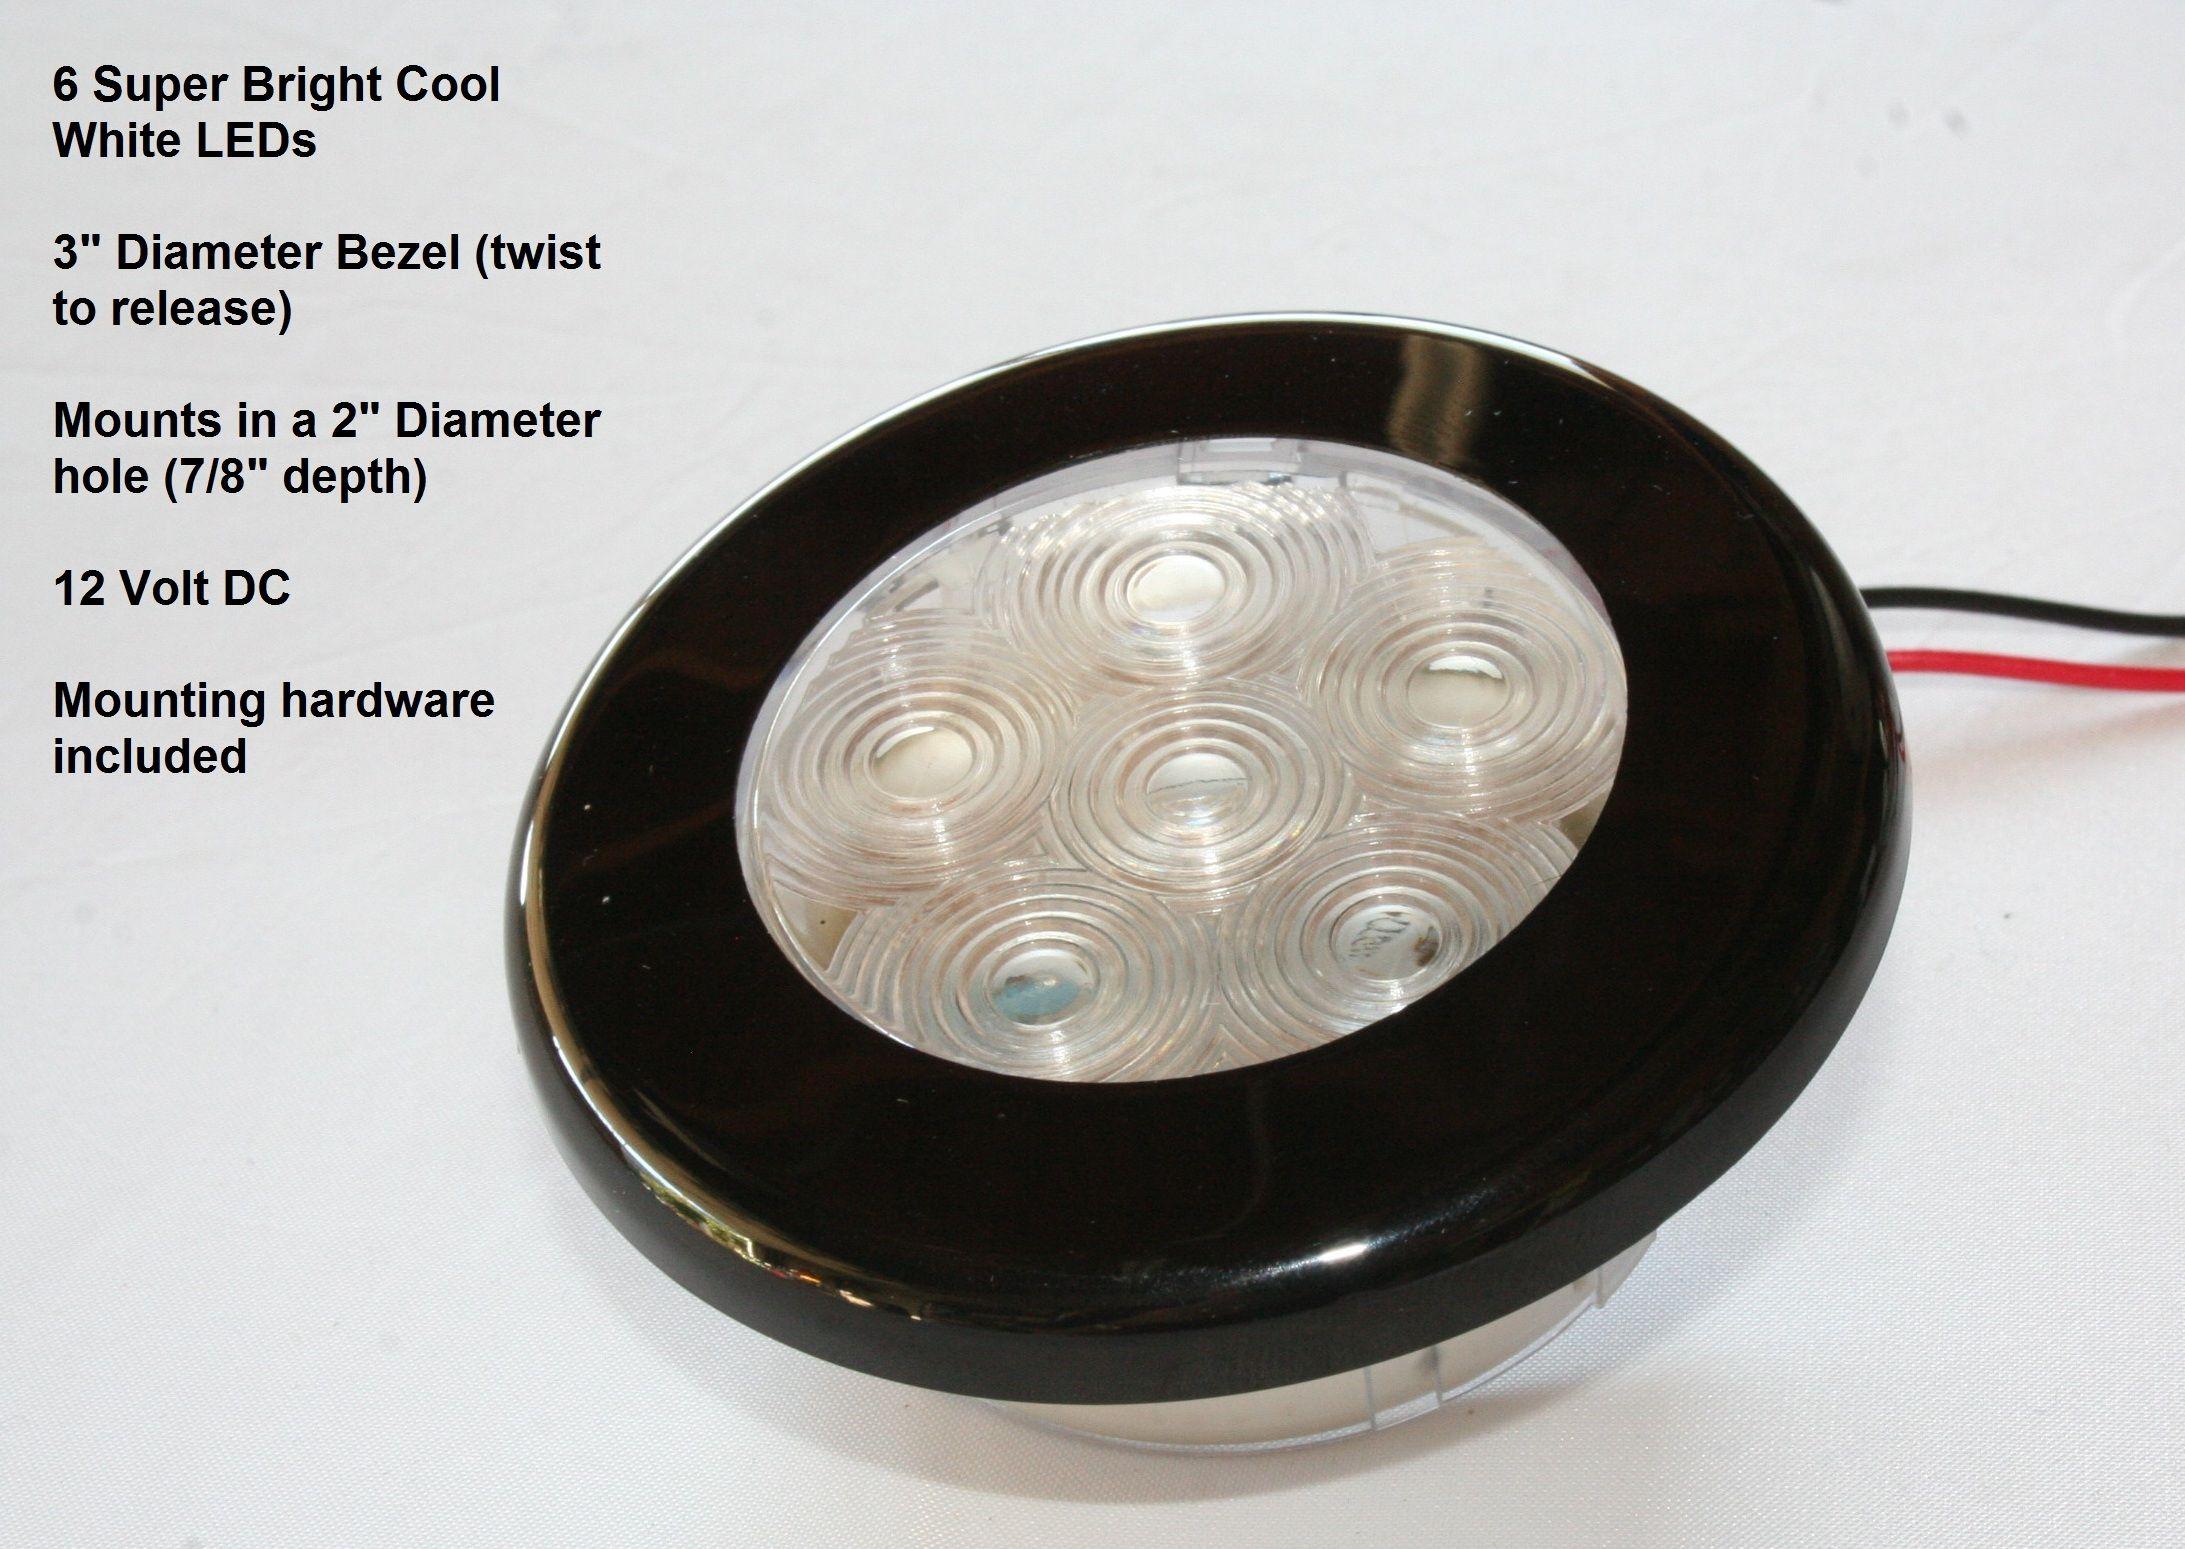 12 volt led dome light fixture httpscartclub pinterest 12 volt led dome light fixture arubaitofo Images